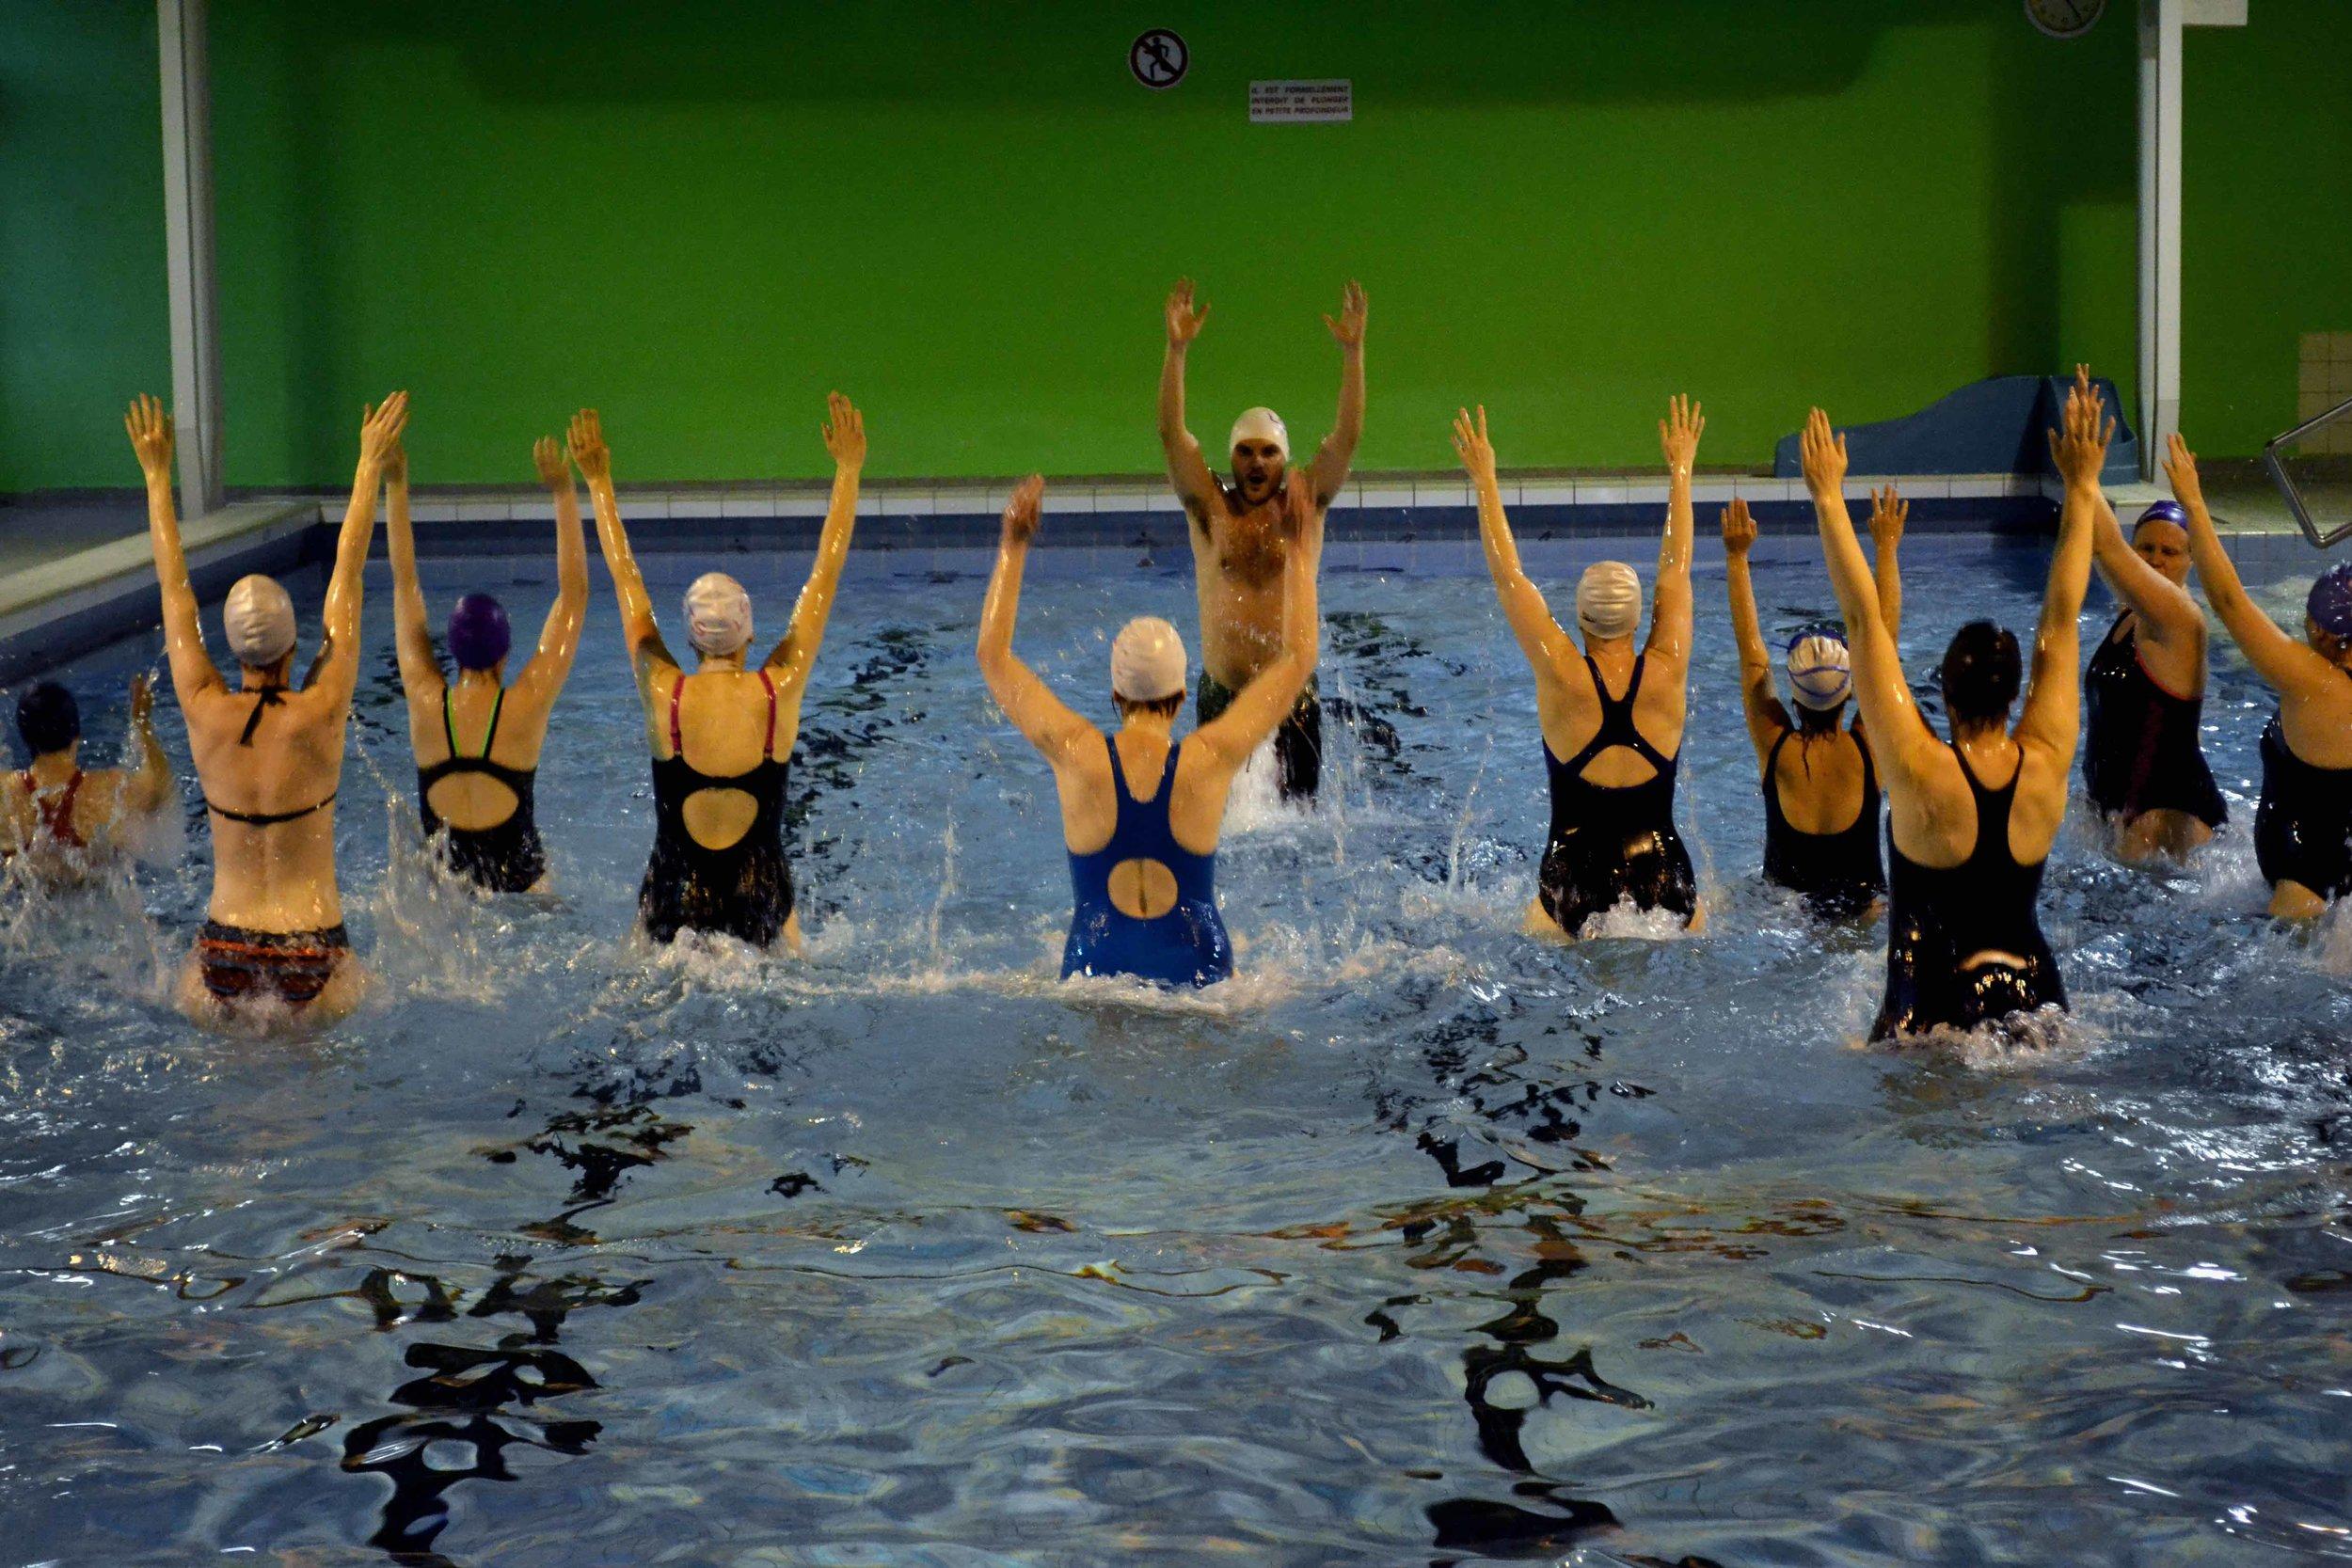 Aquajogging - Vous voulez travailler vos cuisses, vos mollets, vos fessiers, vos bras et vos abdominaux dans une ambiance décontractée et dans la bonne humeur ? Pas de doute, la course dans l'eau est faite pour vous.